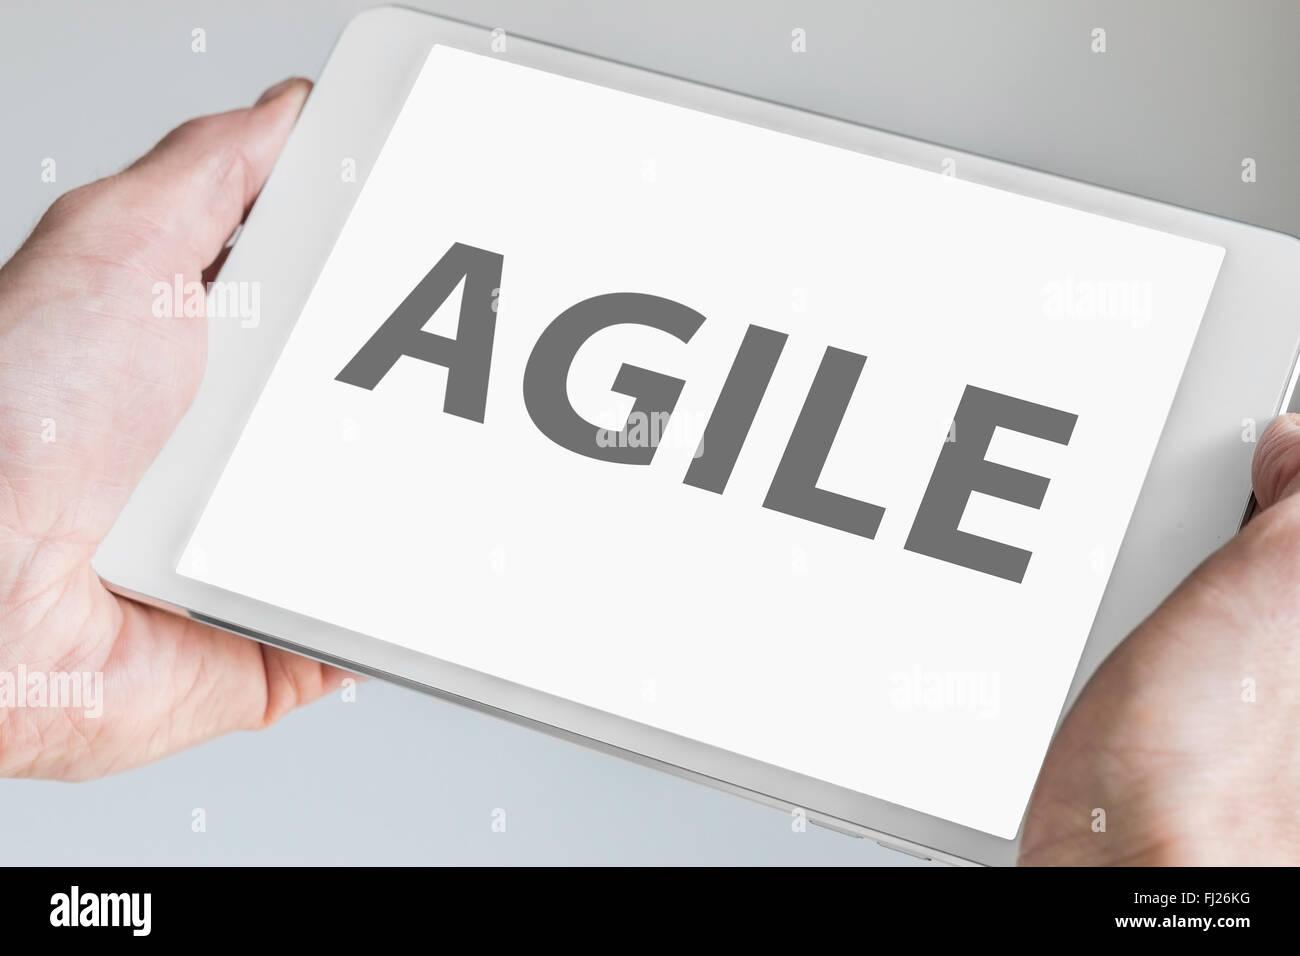 Agile il testo visualizzato sullo schermo a sfioramento della moderna tablet o smart device. Concetto di software Immagini Stock